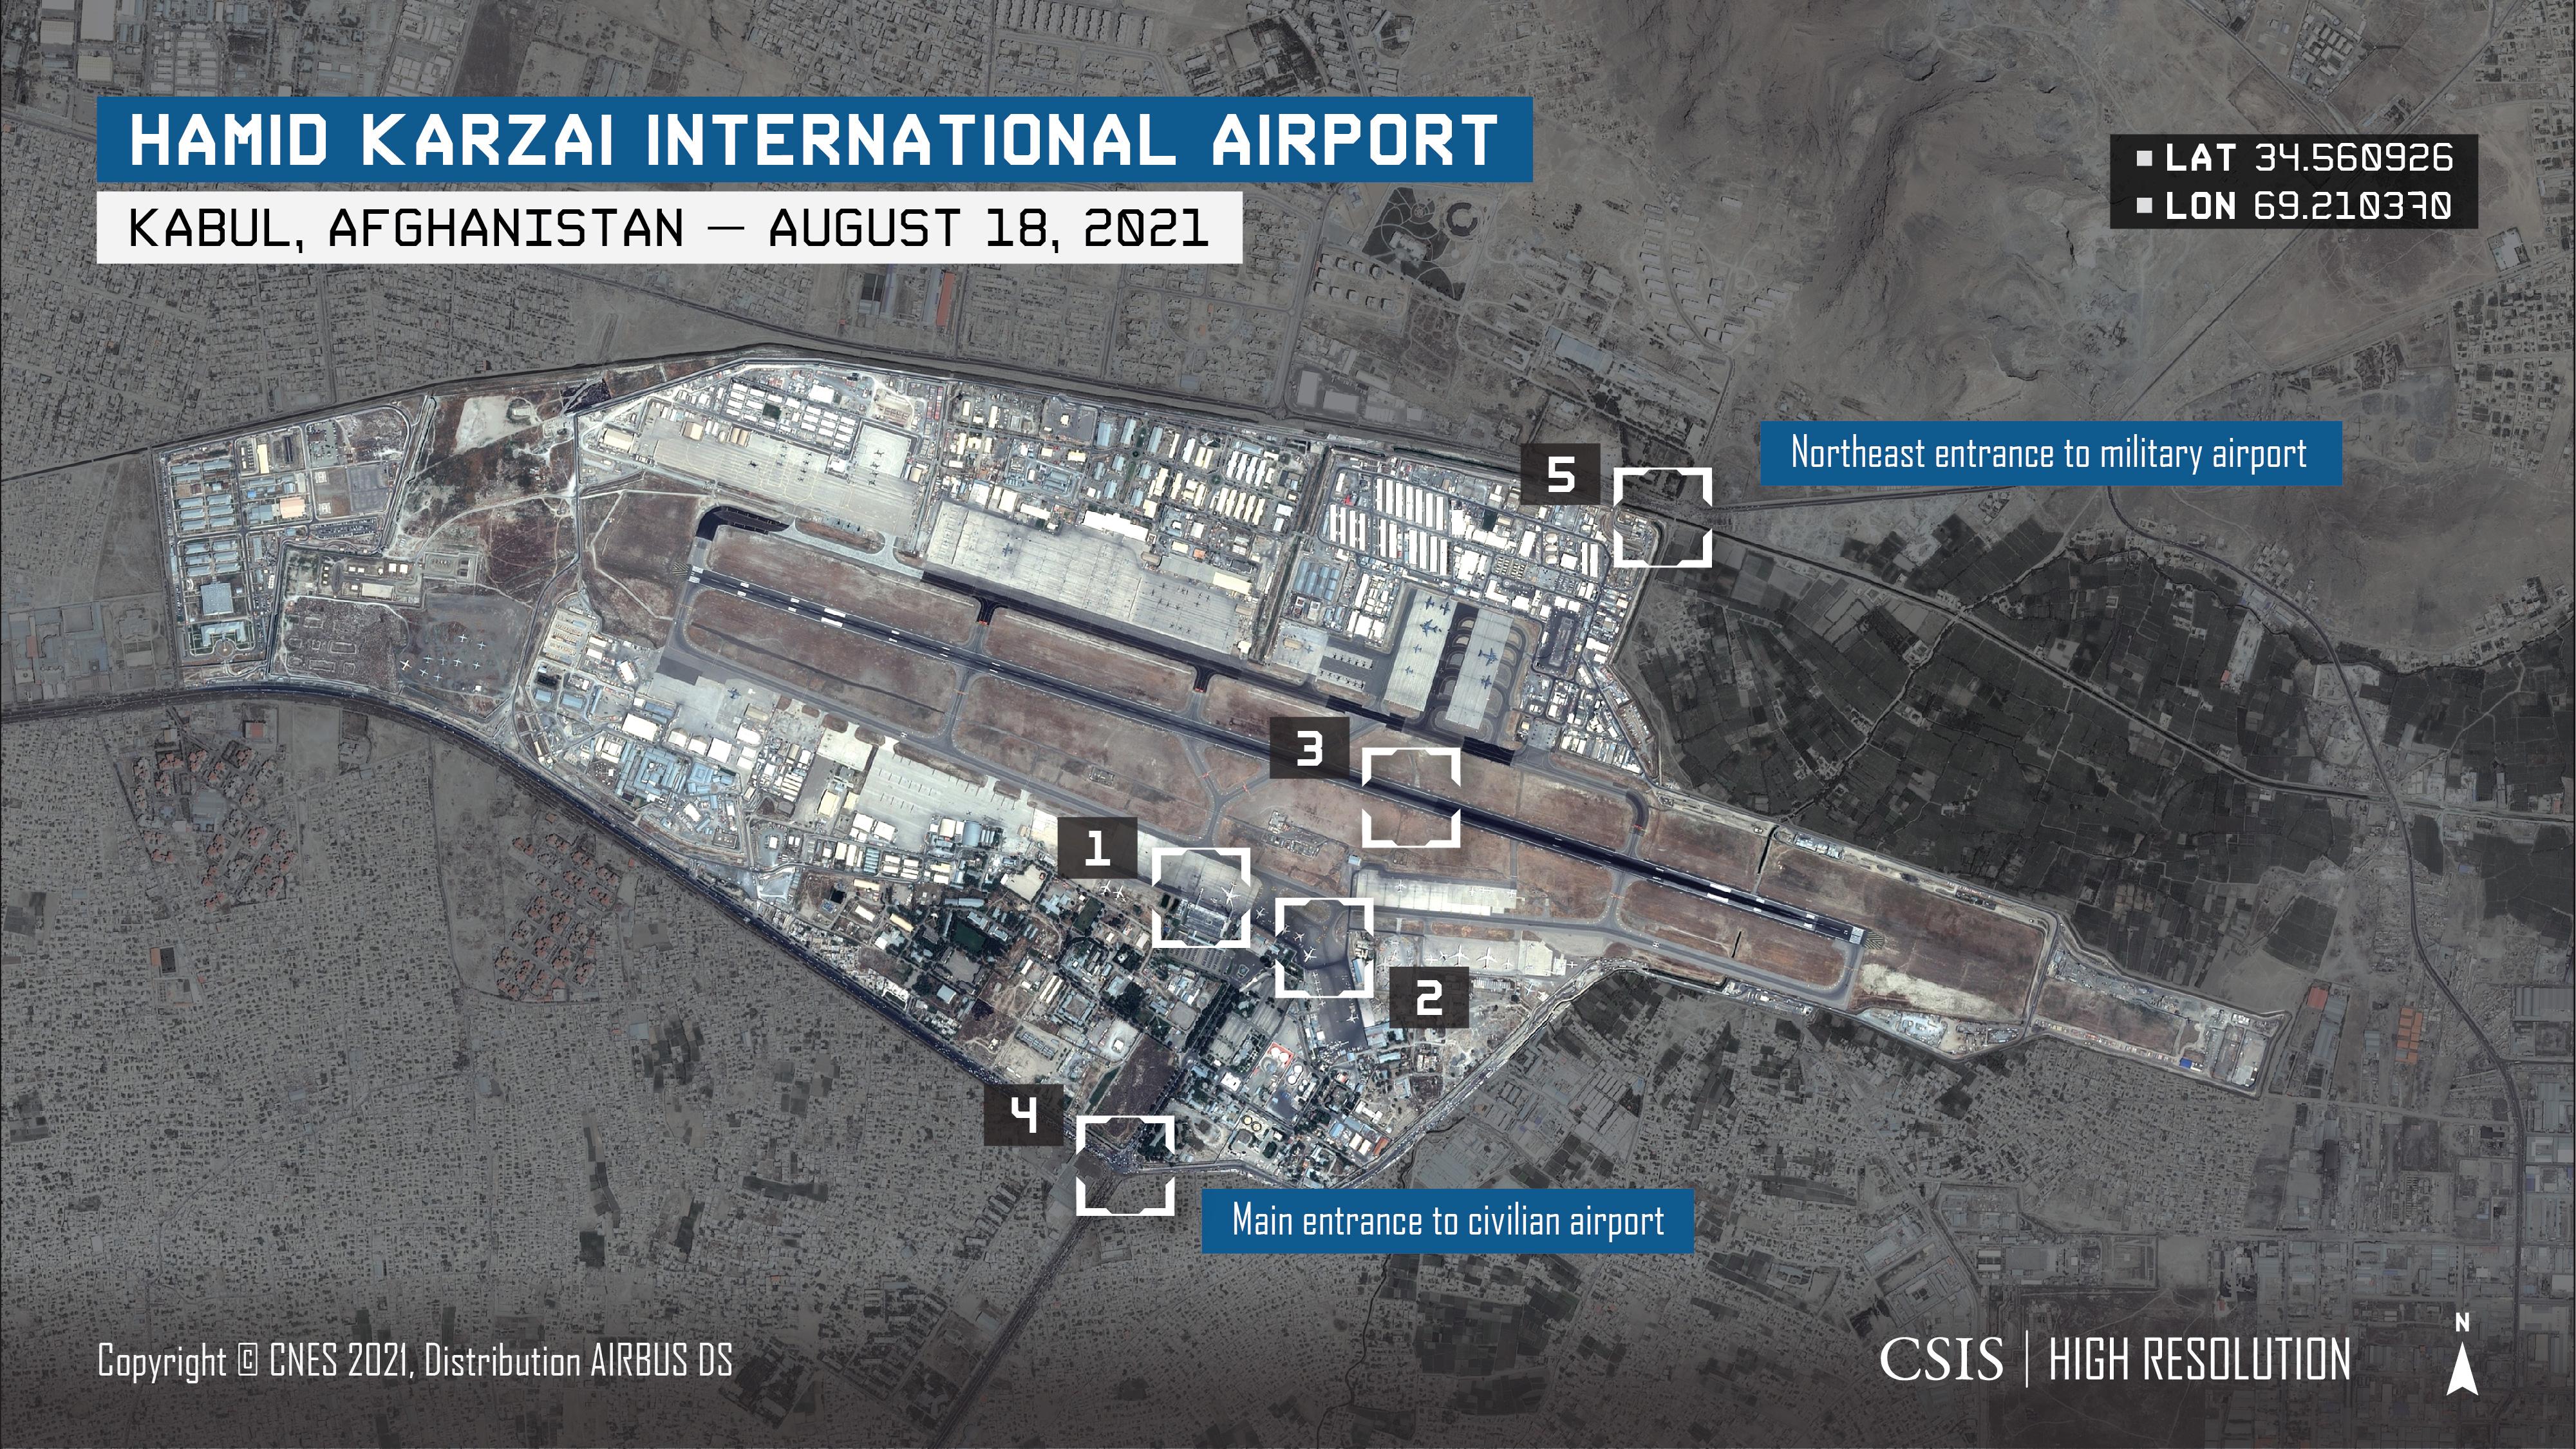 https://csis-website-prod.s3.amazonaws.com/s3fs-public/210818_Kabul_International_Airport_Slide_01.jpg?_lOpSuuMaupNJbJjleZojQzdRe9IKSGA